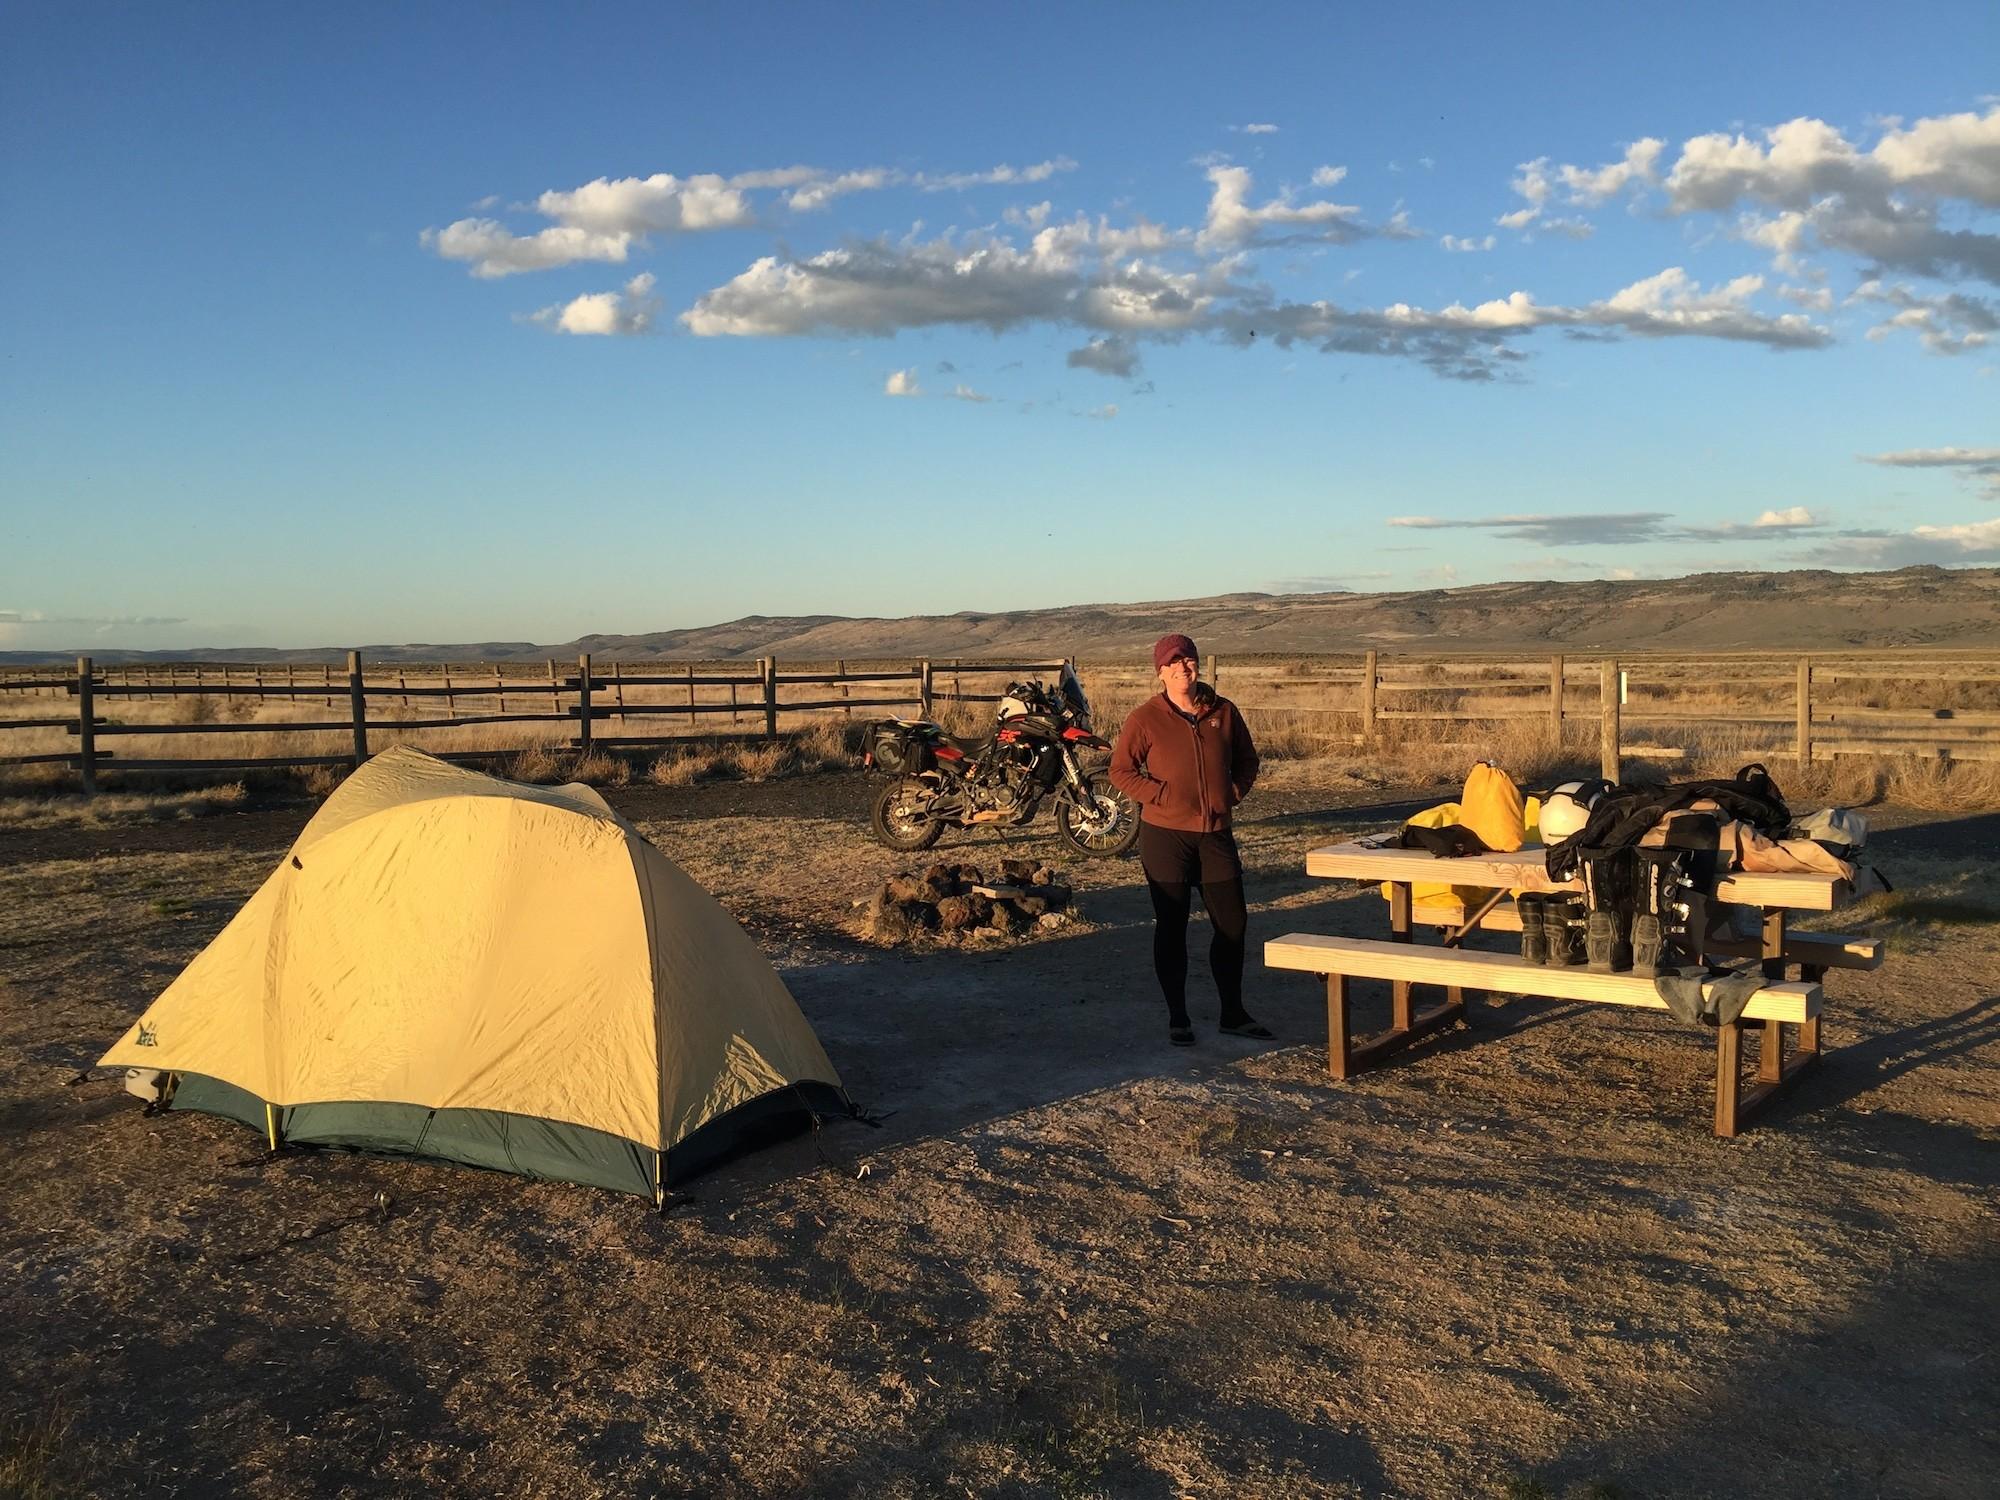 Motorcycle camping at Crystal Crane Hot Springs